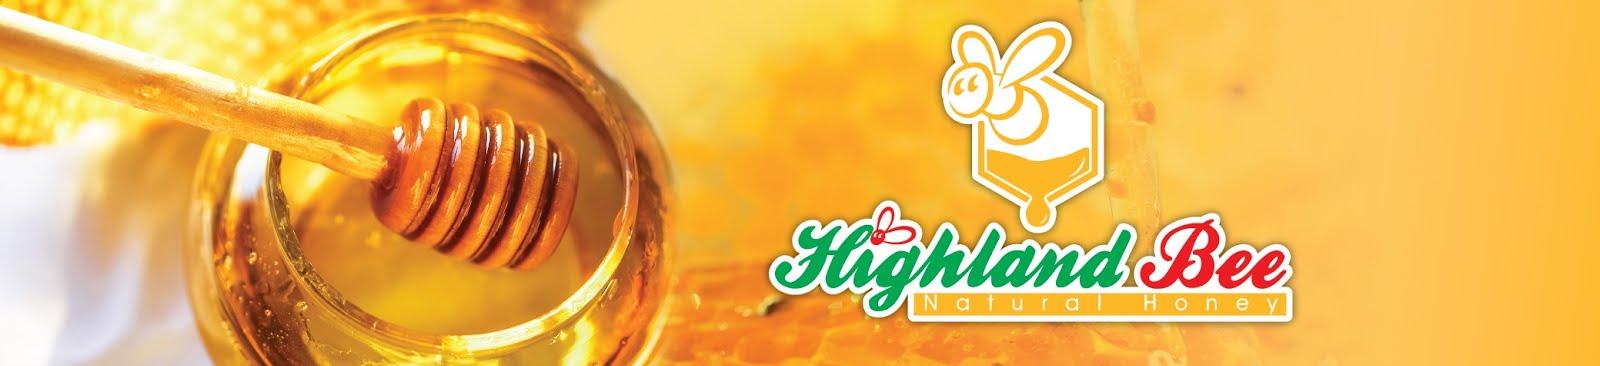 Sữa Ong Chúa | Mật Ong Highlandbee Chính Hãng Hà Nội